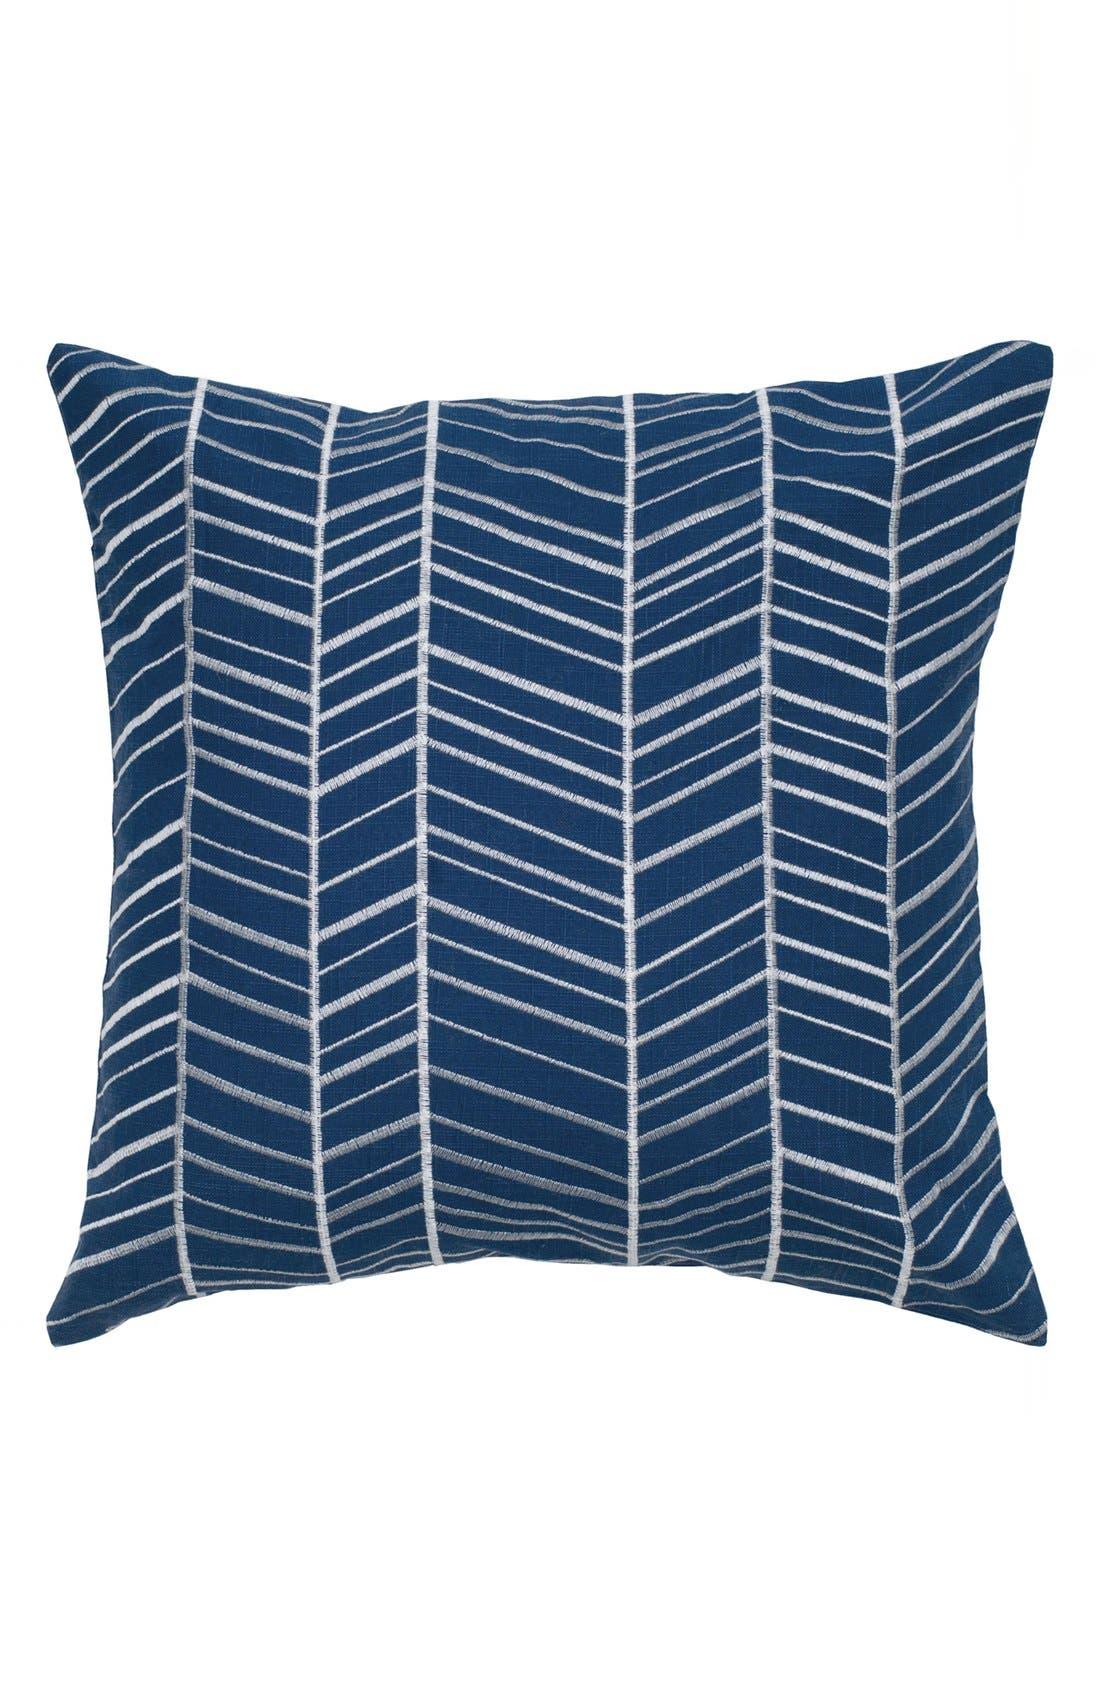 Chevron Pillow,                         Main,                         color, Blue